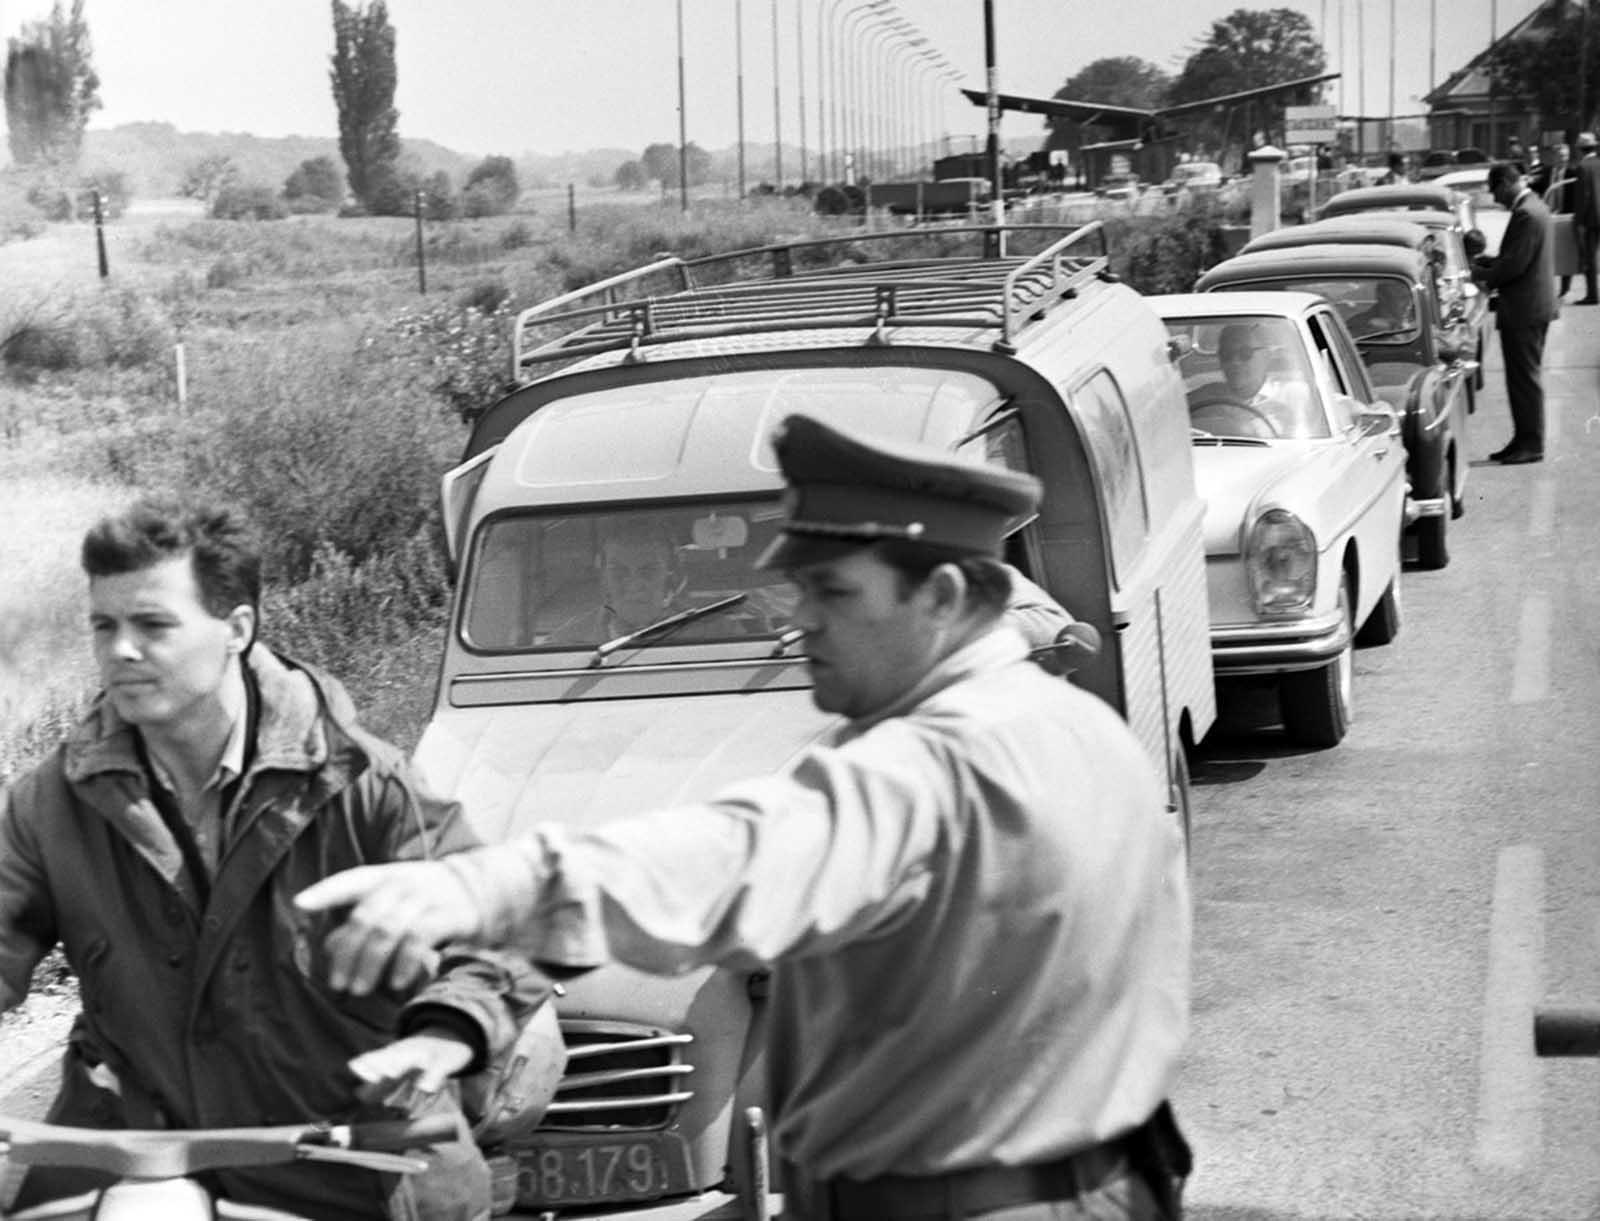 Los refugiados checoslovacos huyen del país, fotografiados aquí en la frontera con Austria, en otoño de 1968.